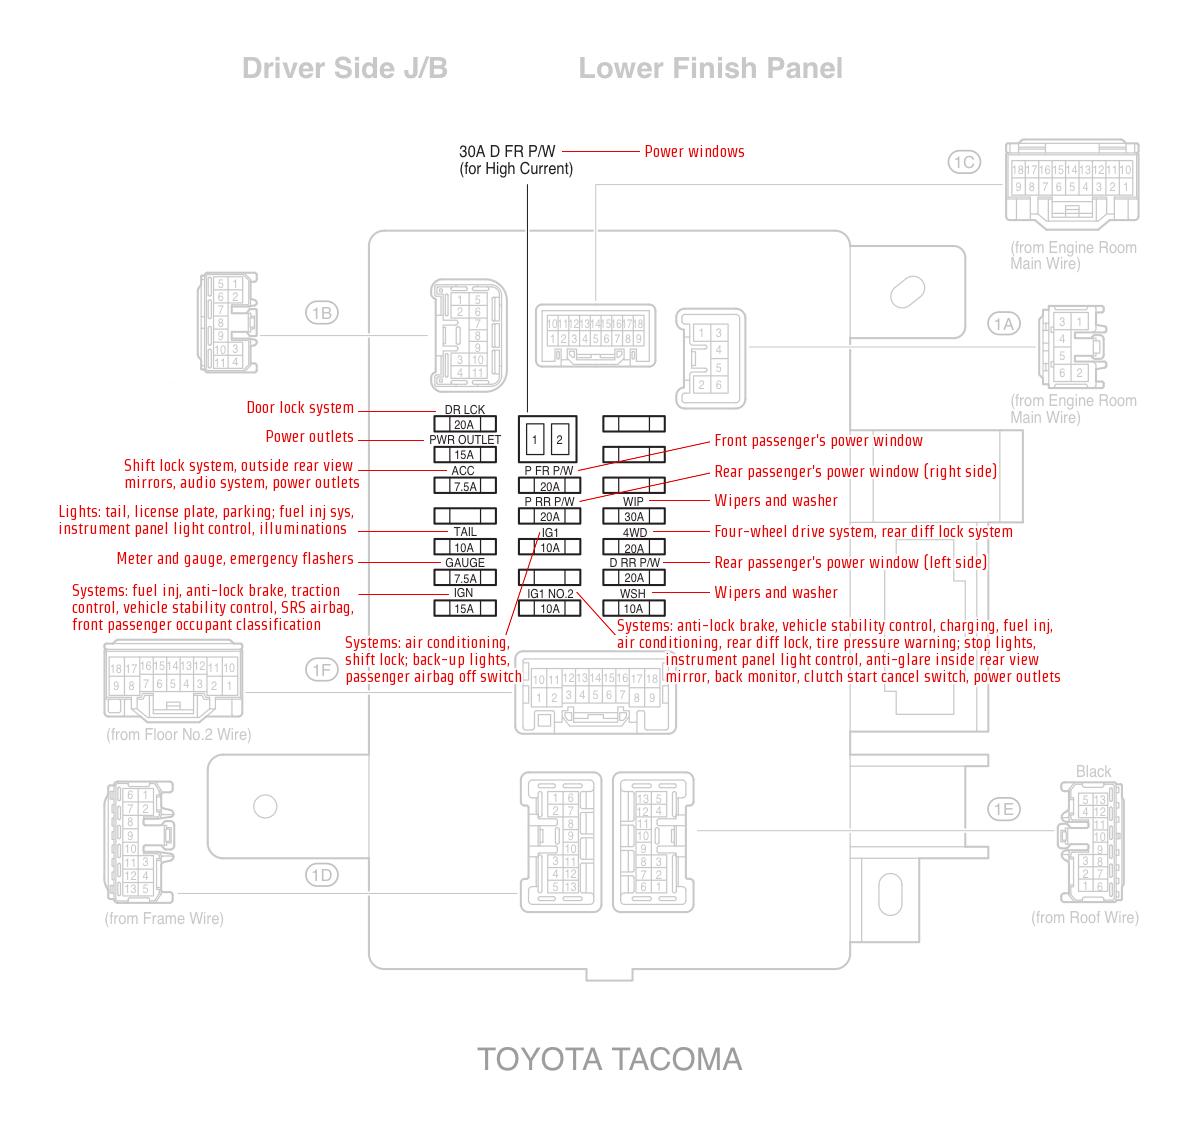 2007 tacoma fuse diagram